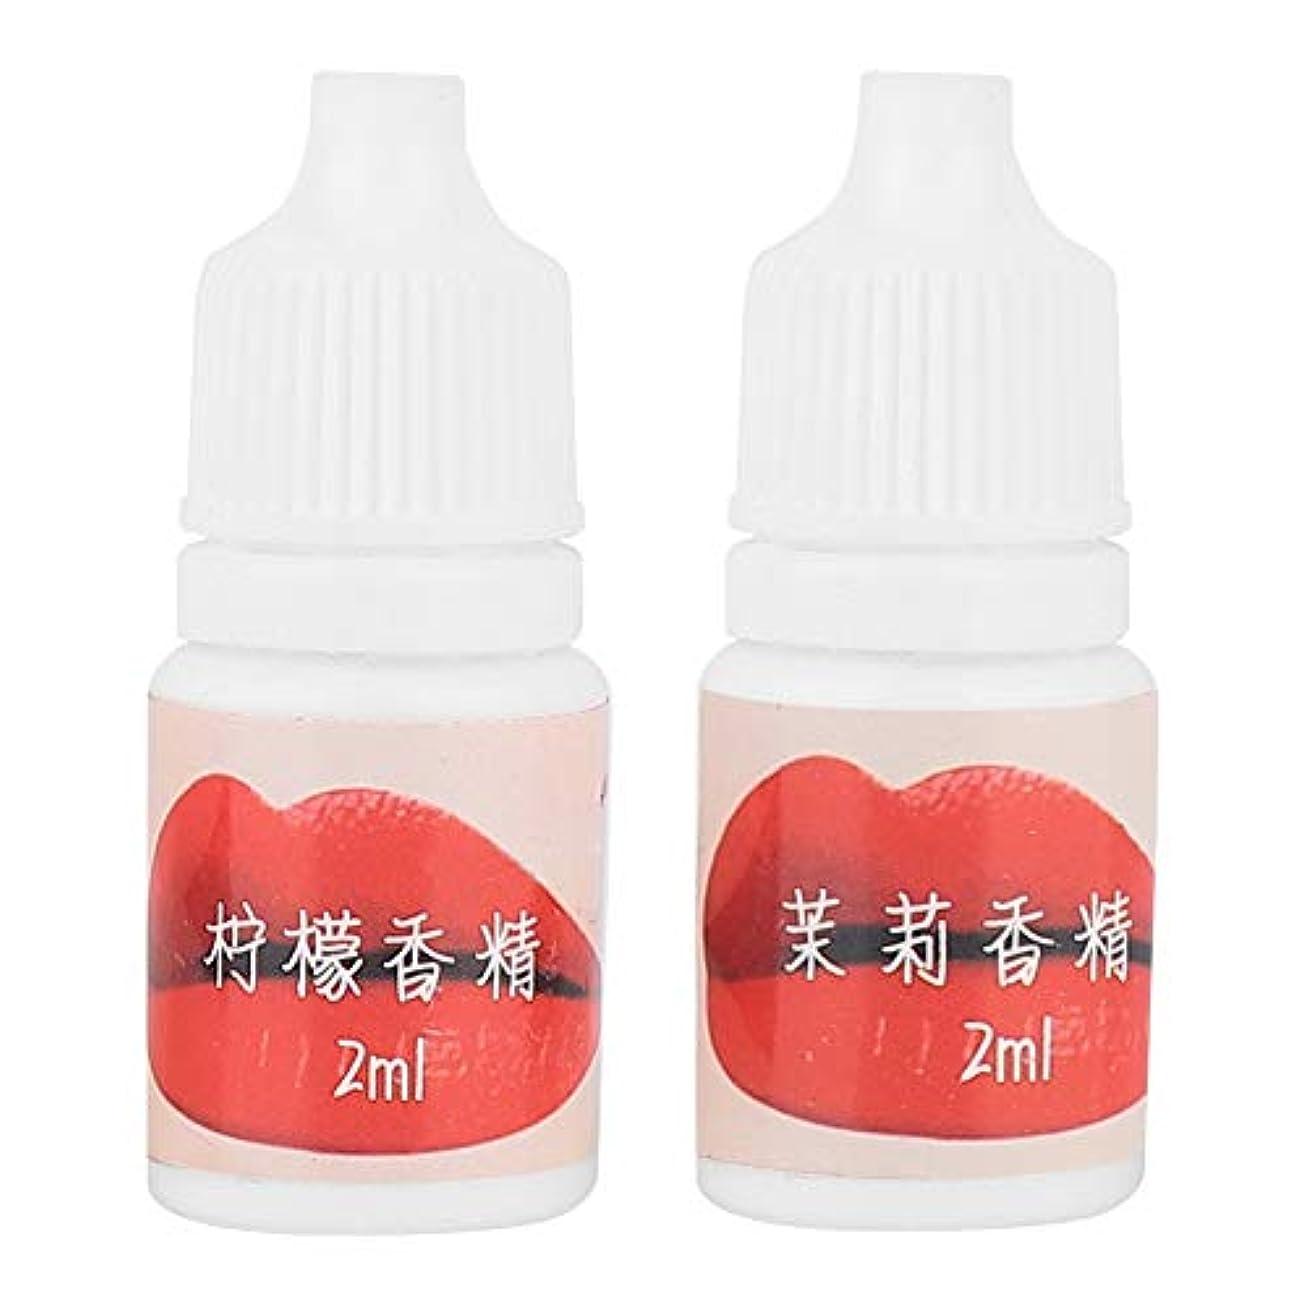 で降臨みがきます4個 DIY 口紅 本質の香り 自家製 口紅DIY 粉材料型(01)